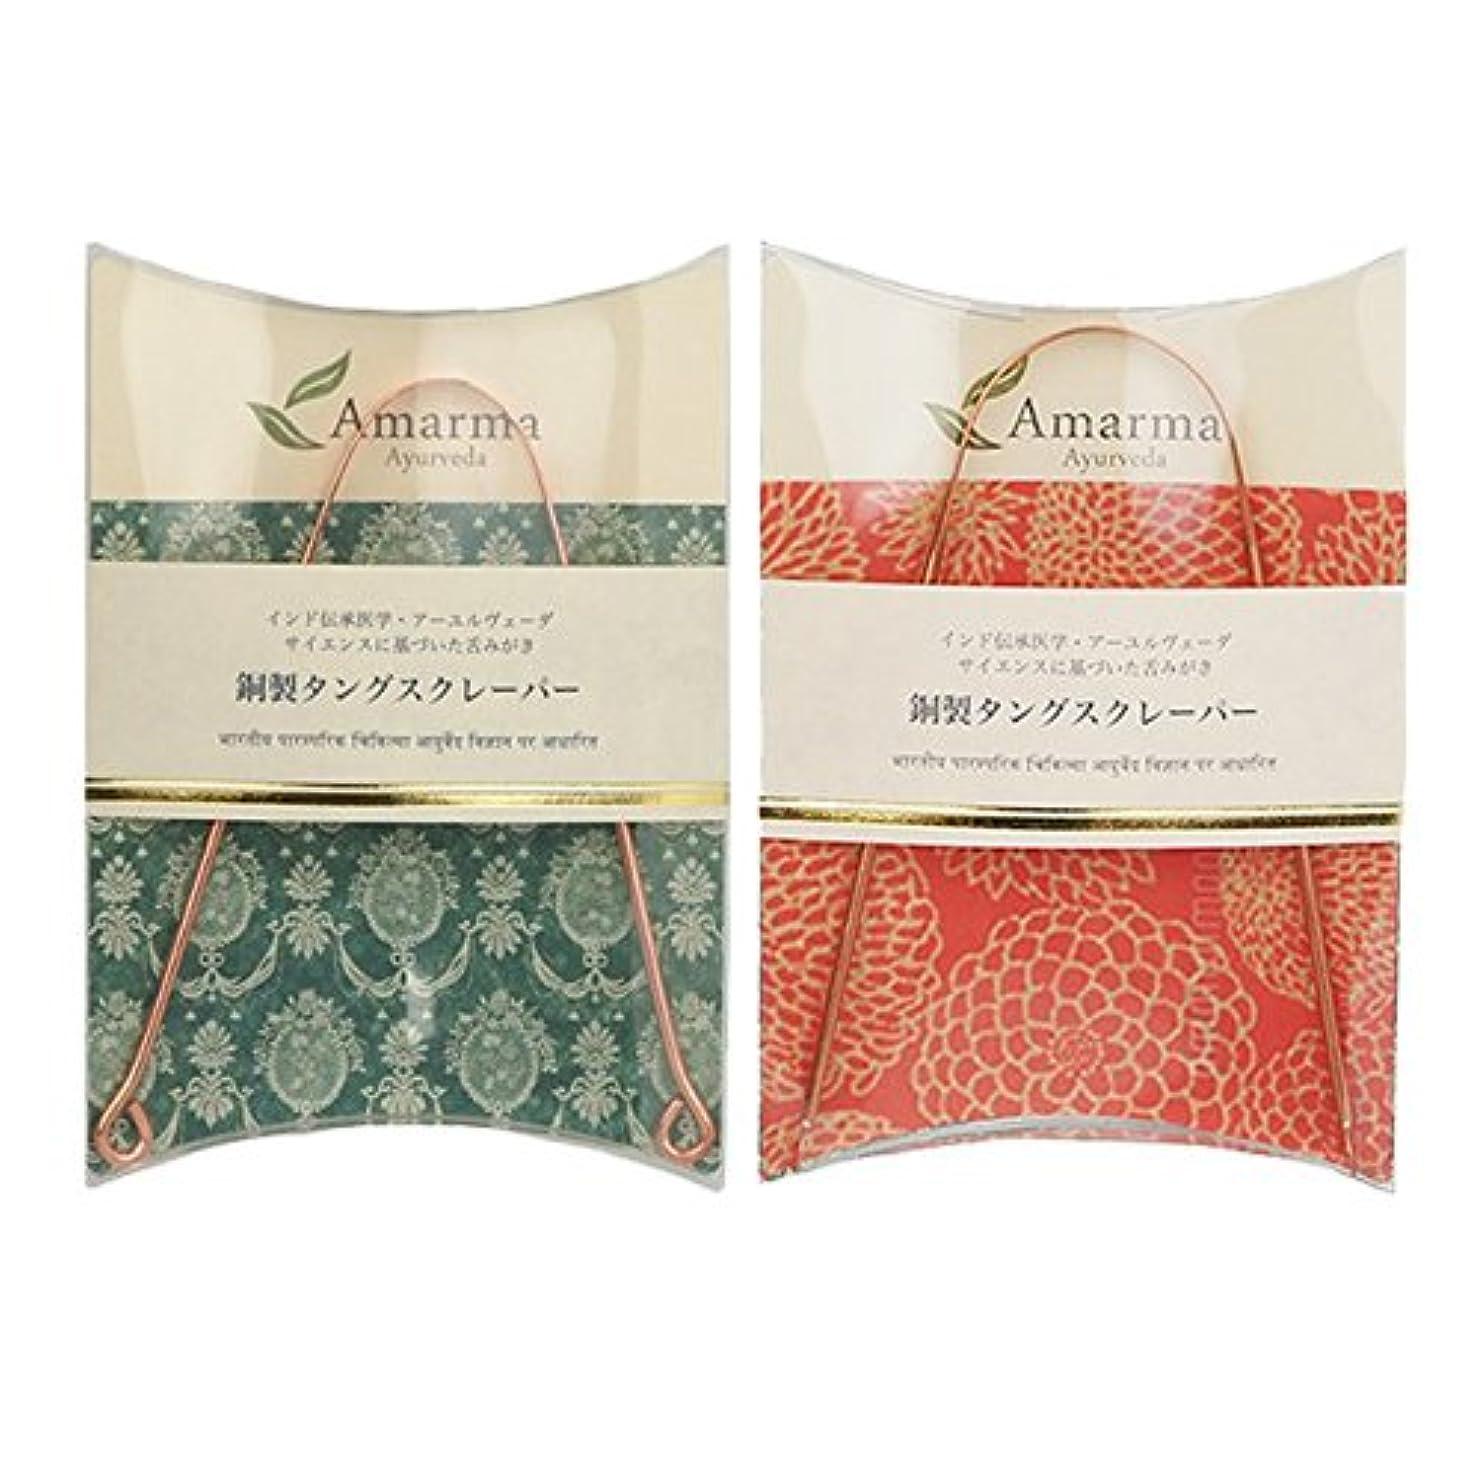 タイプマティス希少性銅製タングスクレーパー(舌みがき) インド製+日本製 2個セット